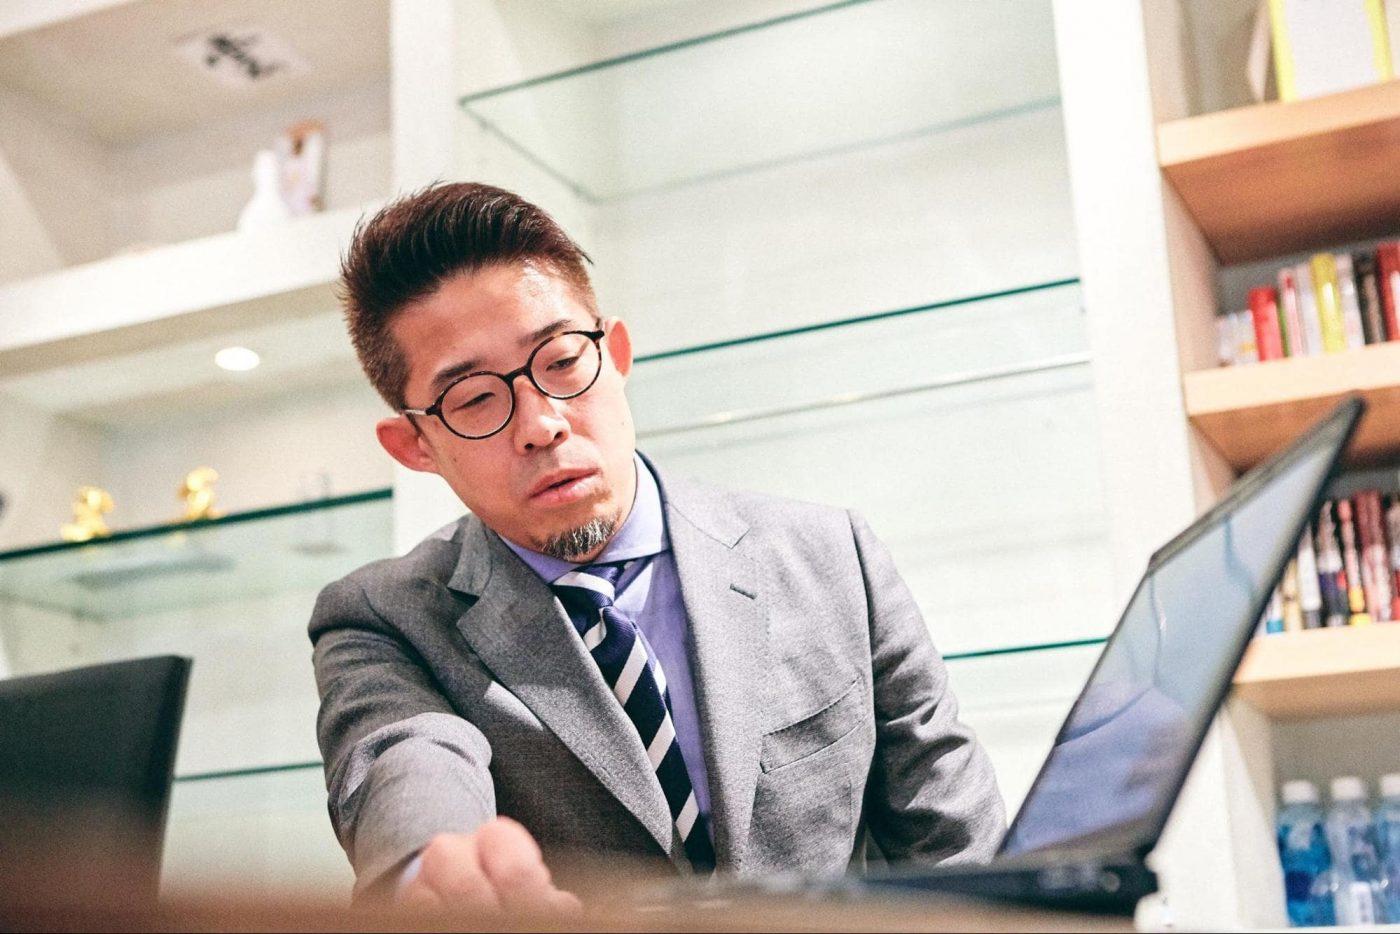 投資判断の軸は「マーケット」「経営チーム」「戦略」の大きく3点